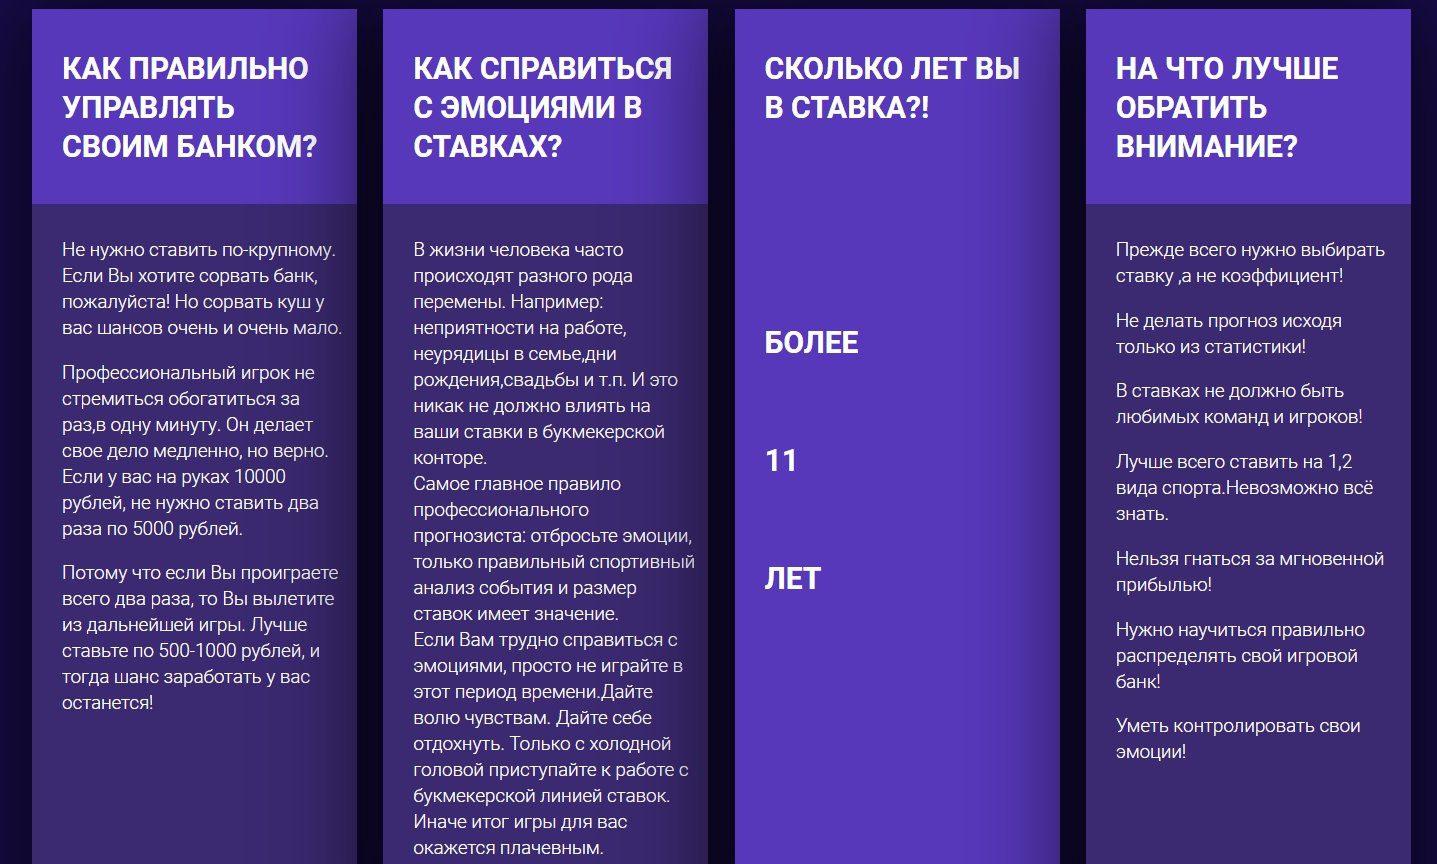 Ставки от Дениса Балунова